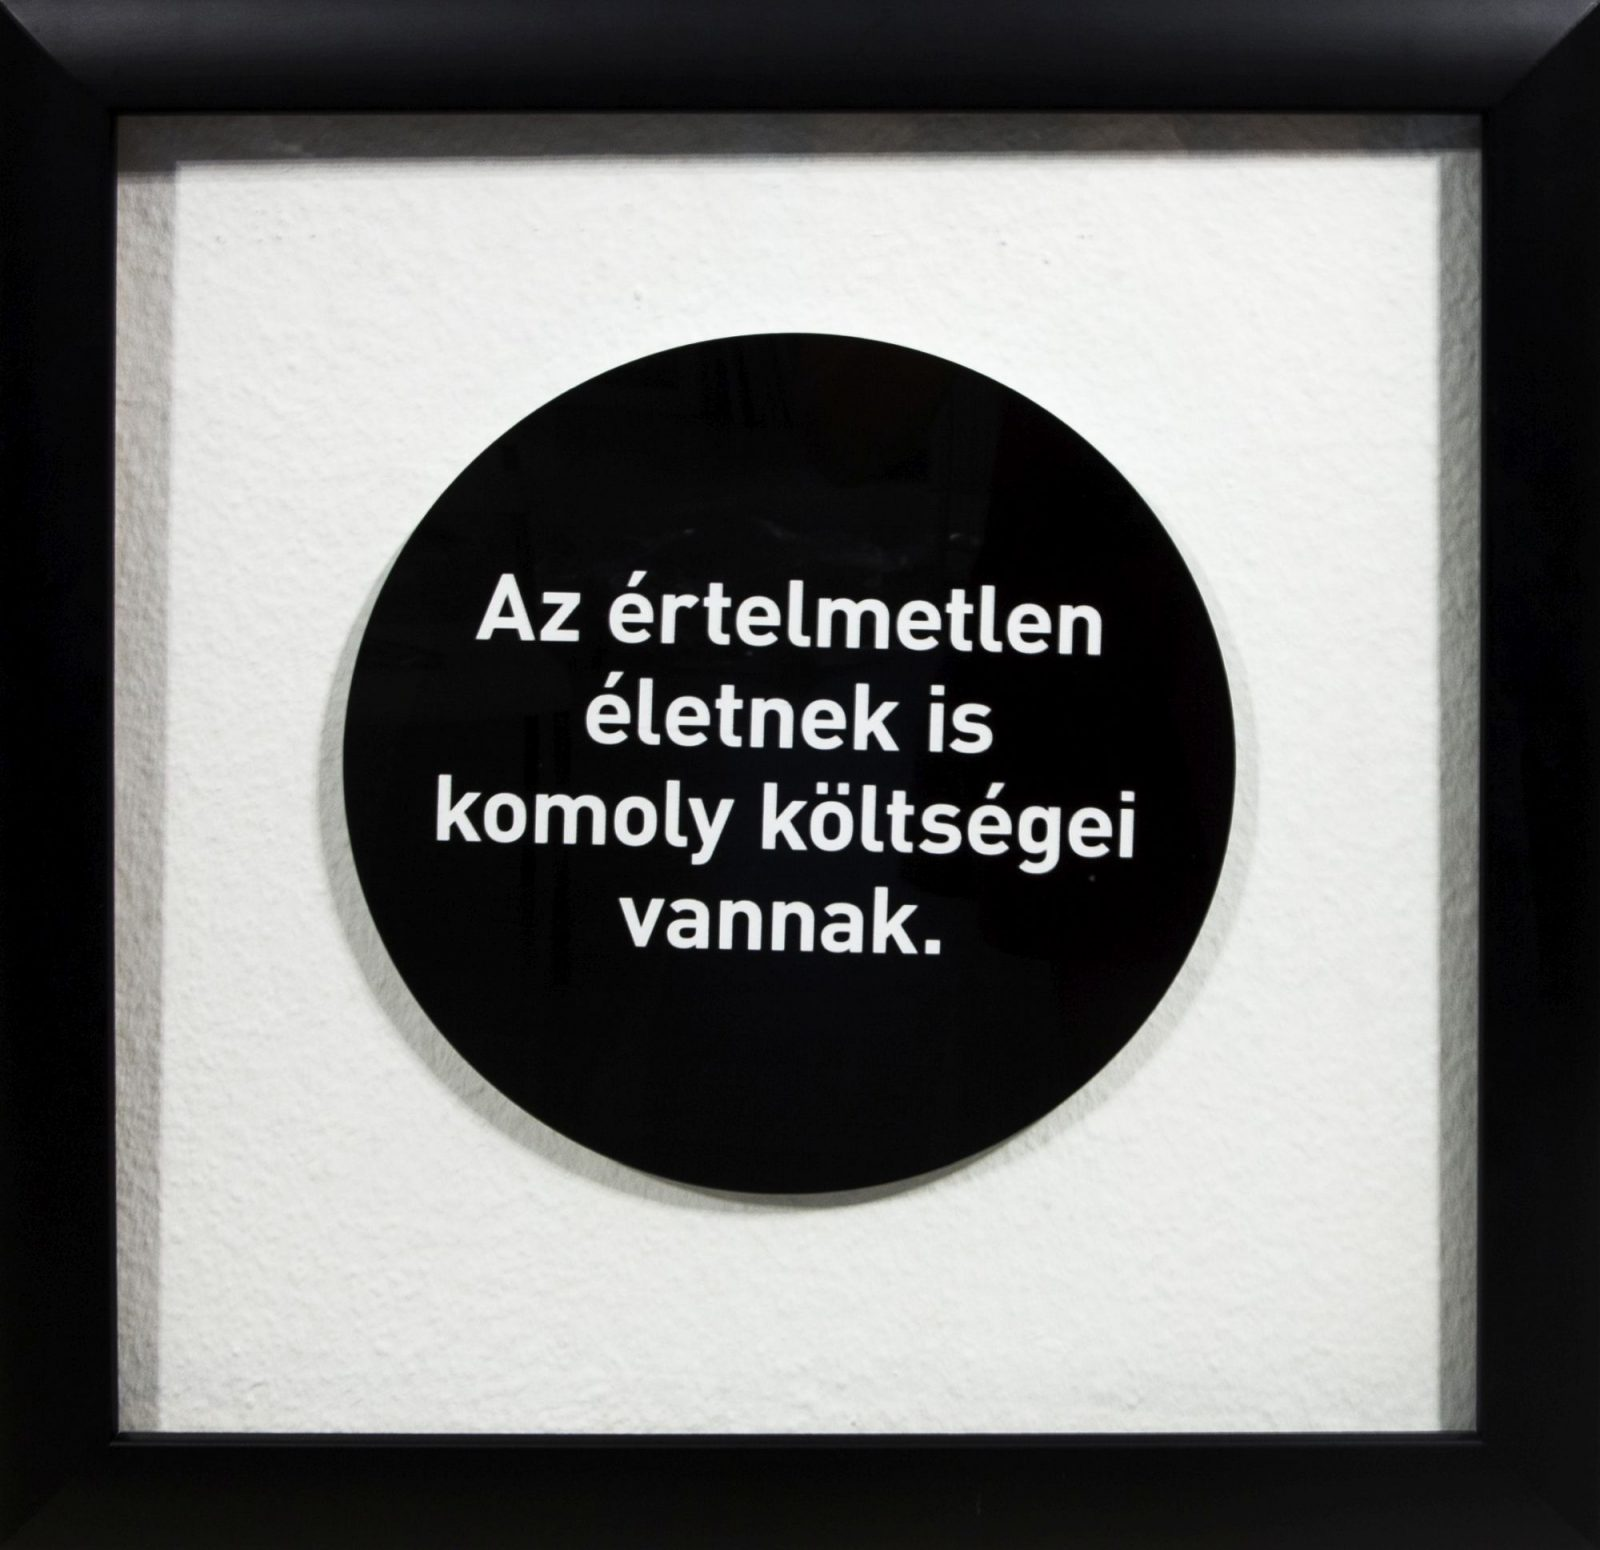 feLugossy László: Az értelmetlen életnek is komoly költségei vannak.